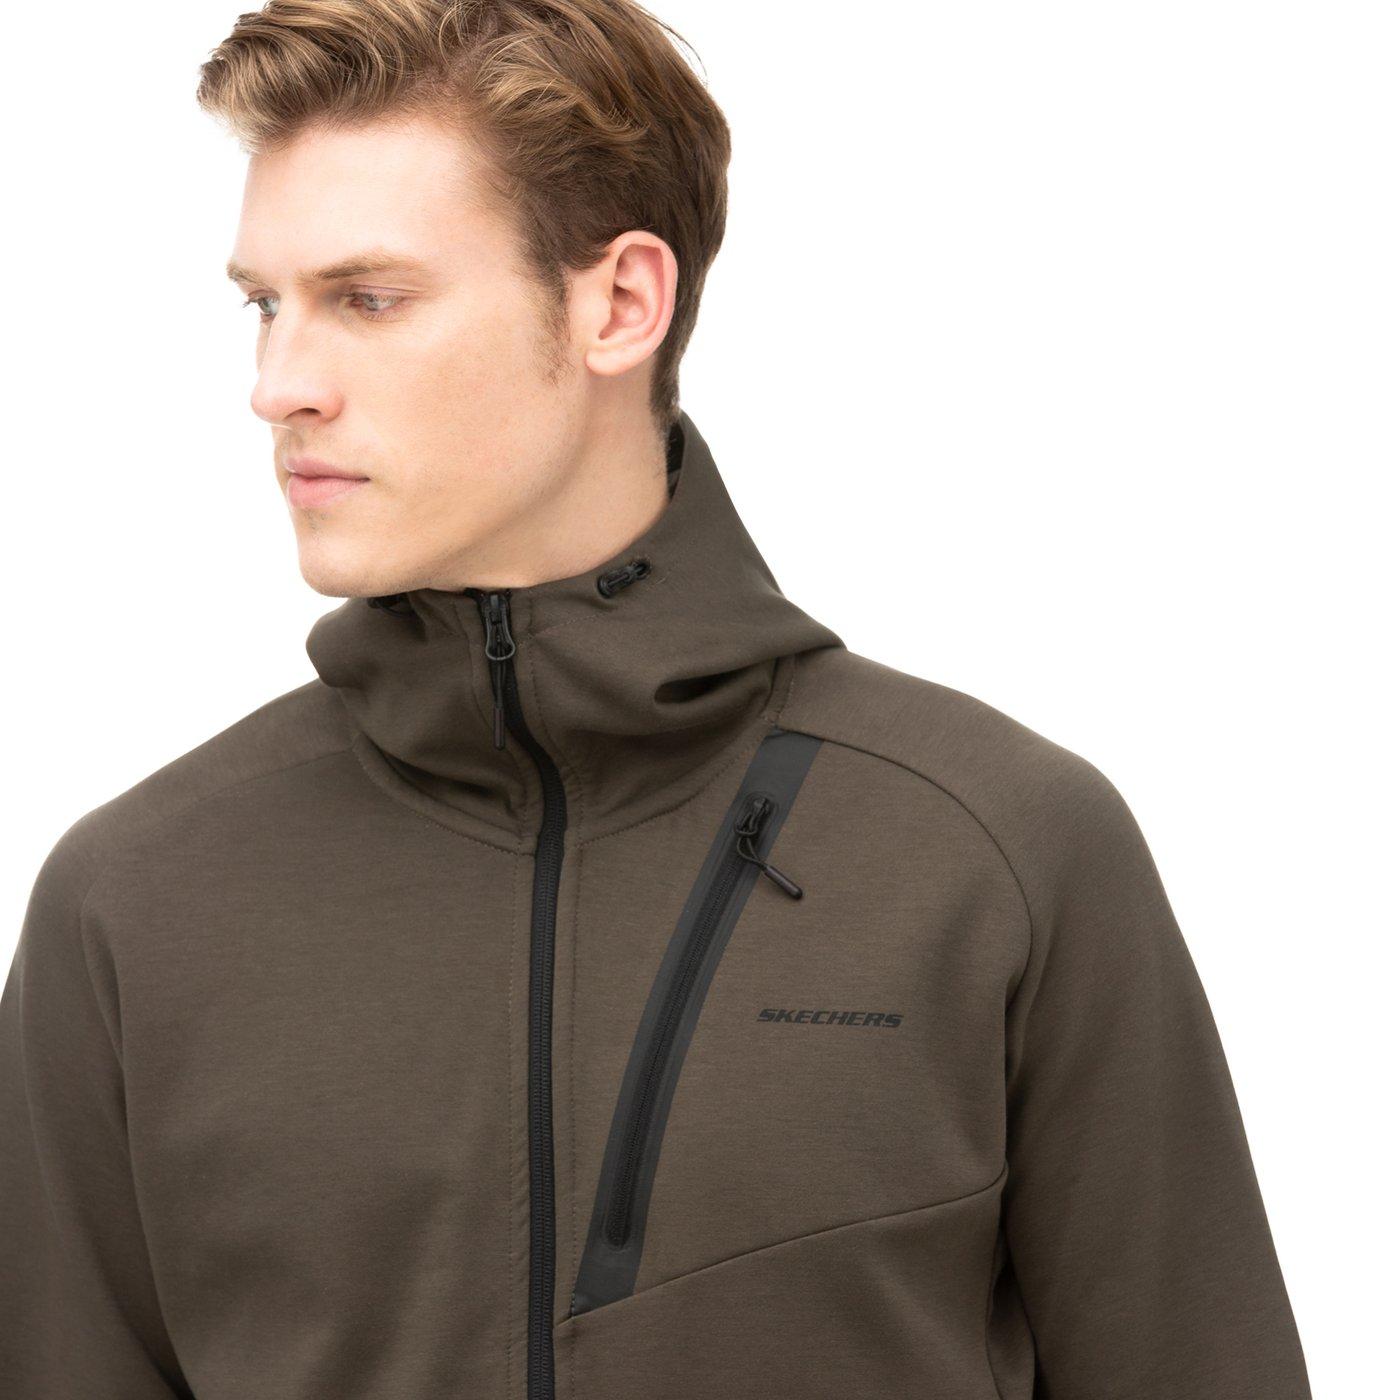 Skechers 2X I-Lock FZ Yeşil Erkek Sweatshirt